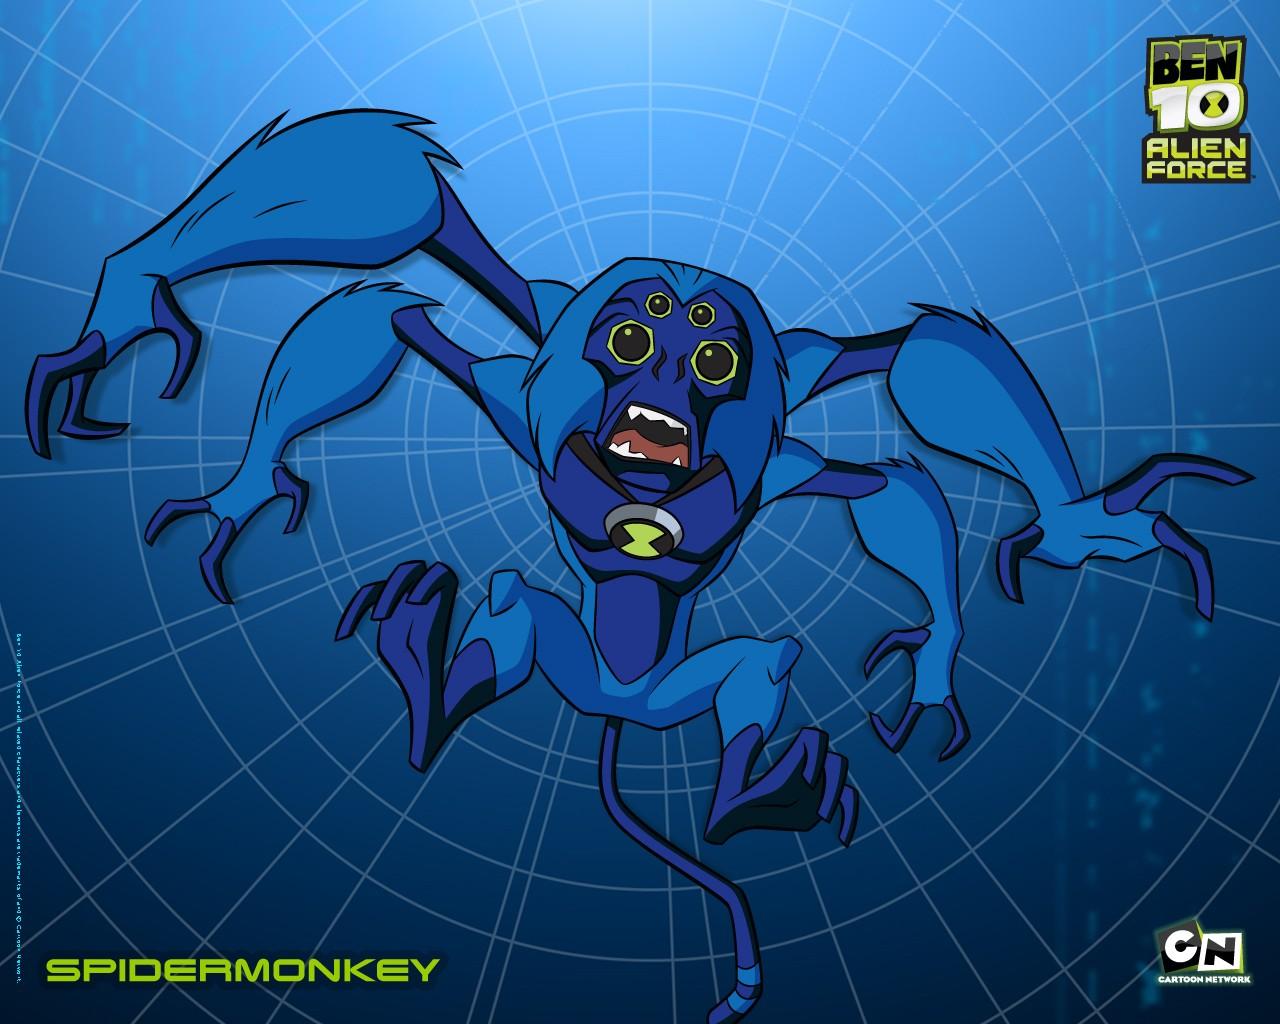 Scimparagno in un wallpaper della serie animata Ben 10